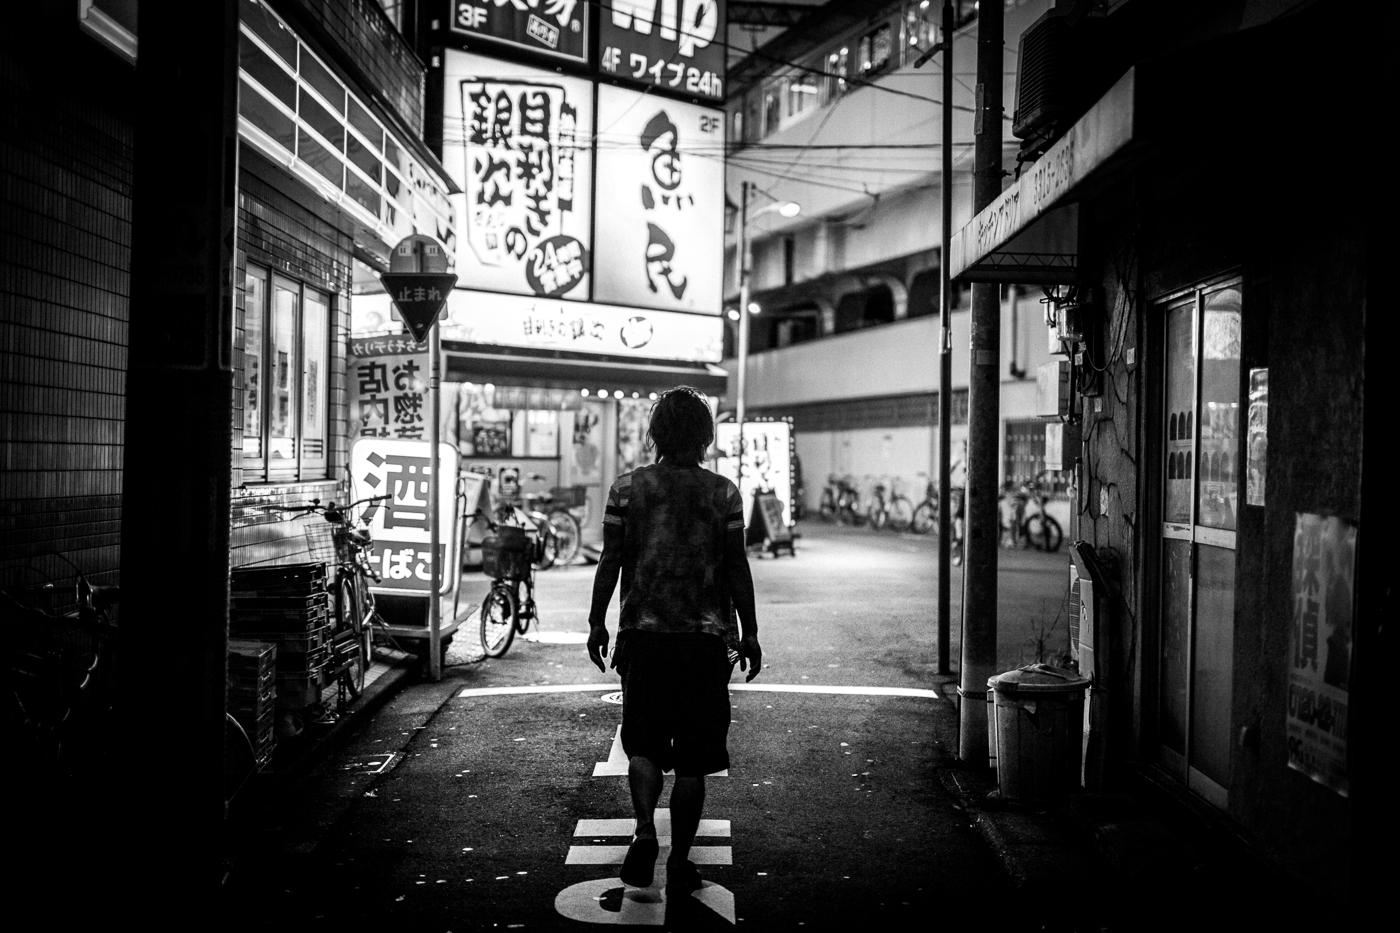 Christian_Kneise_Japan028